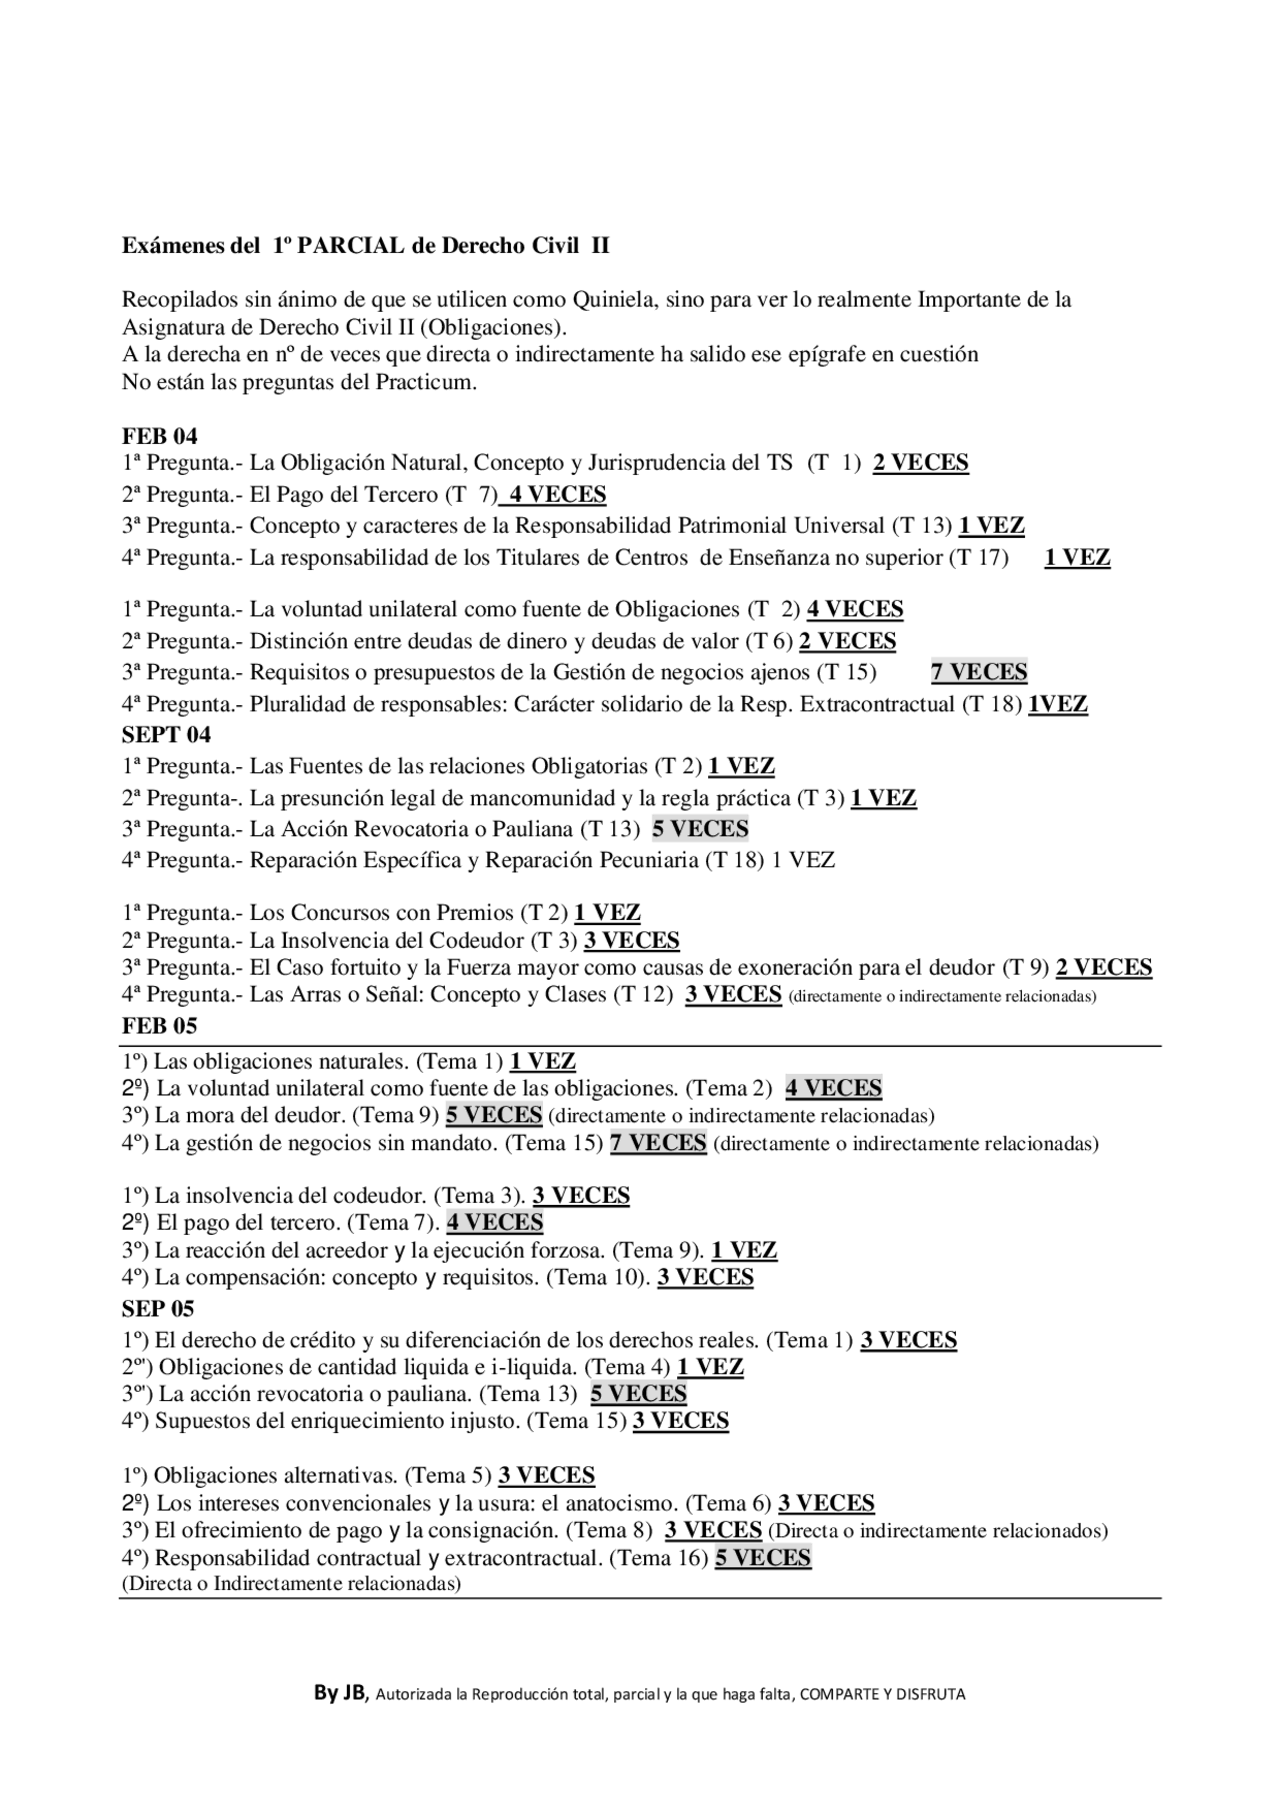 Relacion De Examenes Del 1º Parcial De Civil Ii 2004 A 2010 Examenes De Derecho Civil Docsity